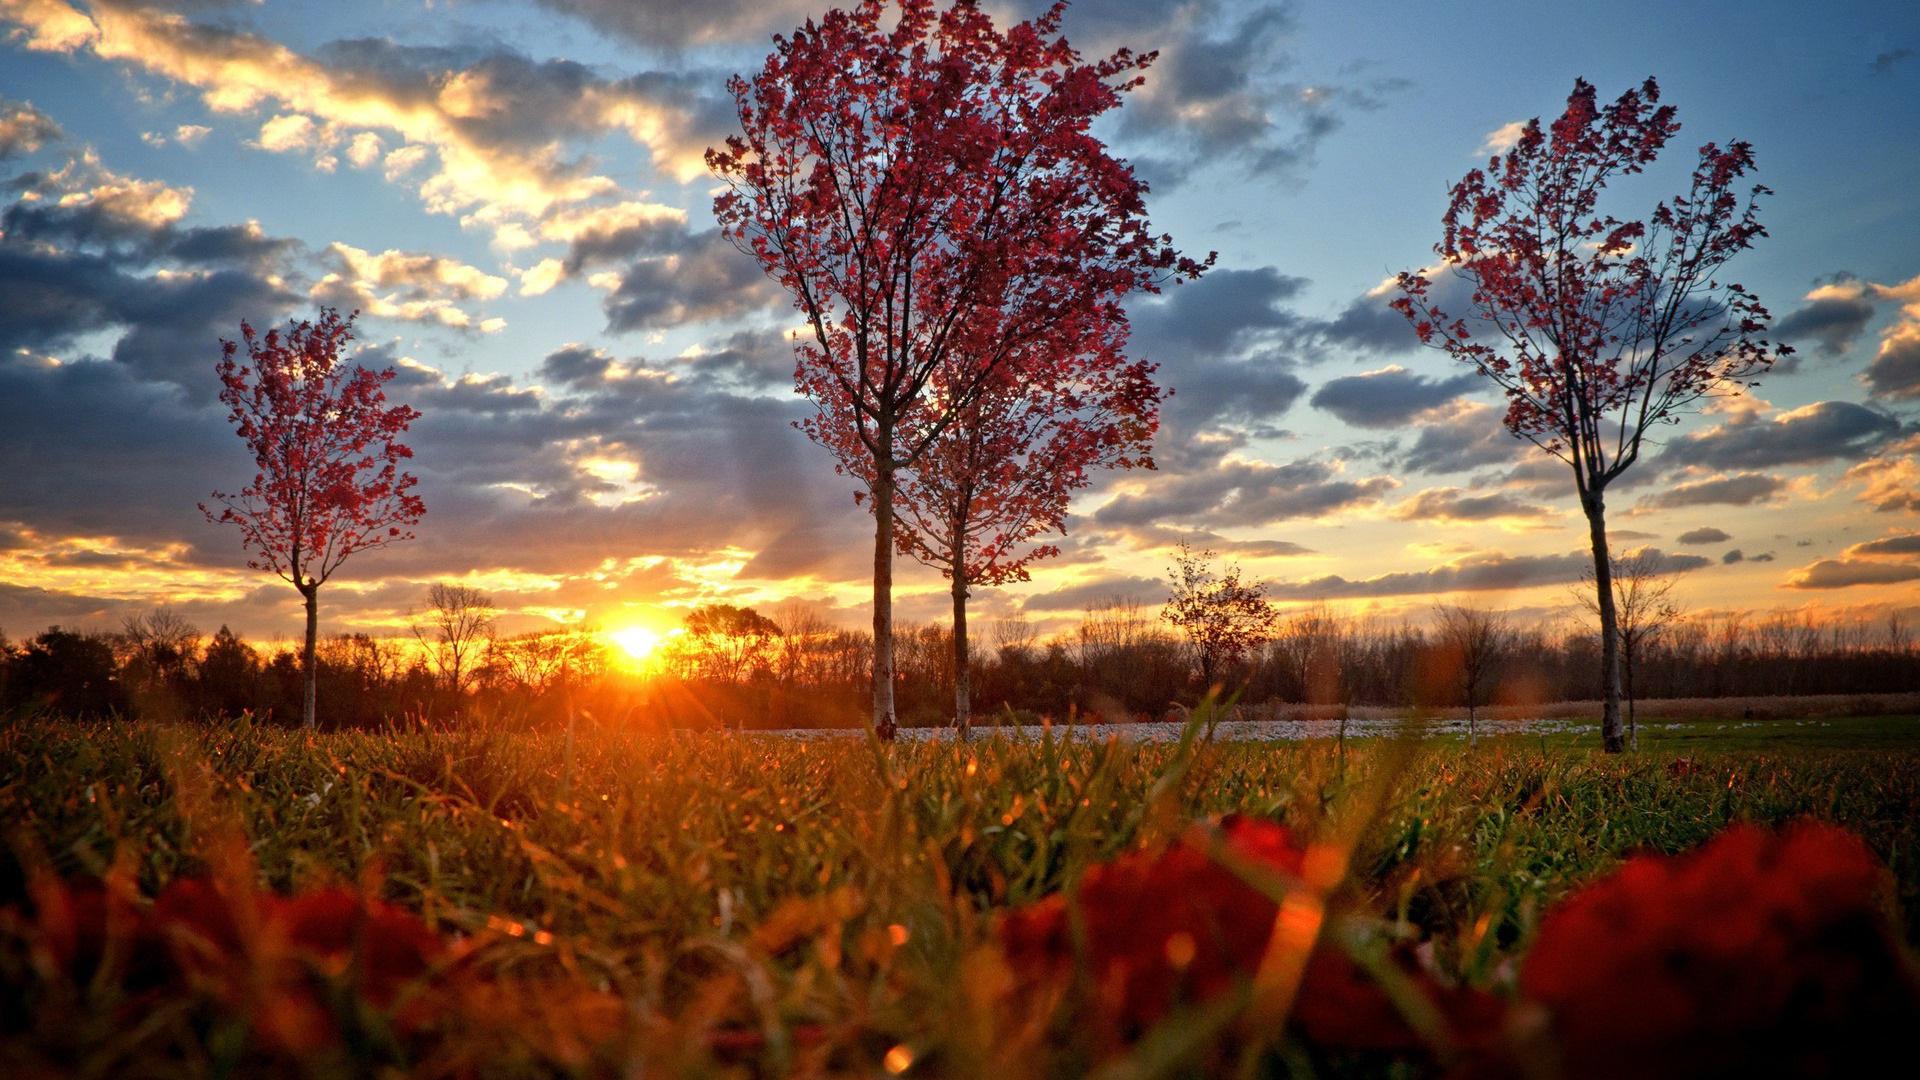 autumn trees wallpaper hd 1920x1080